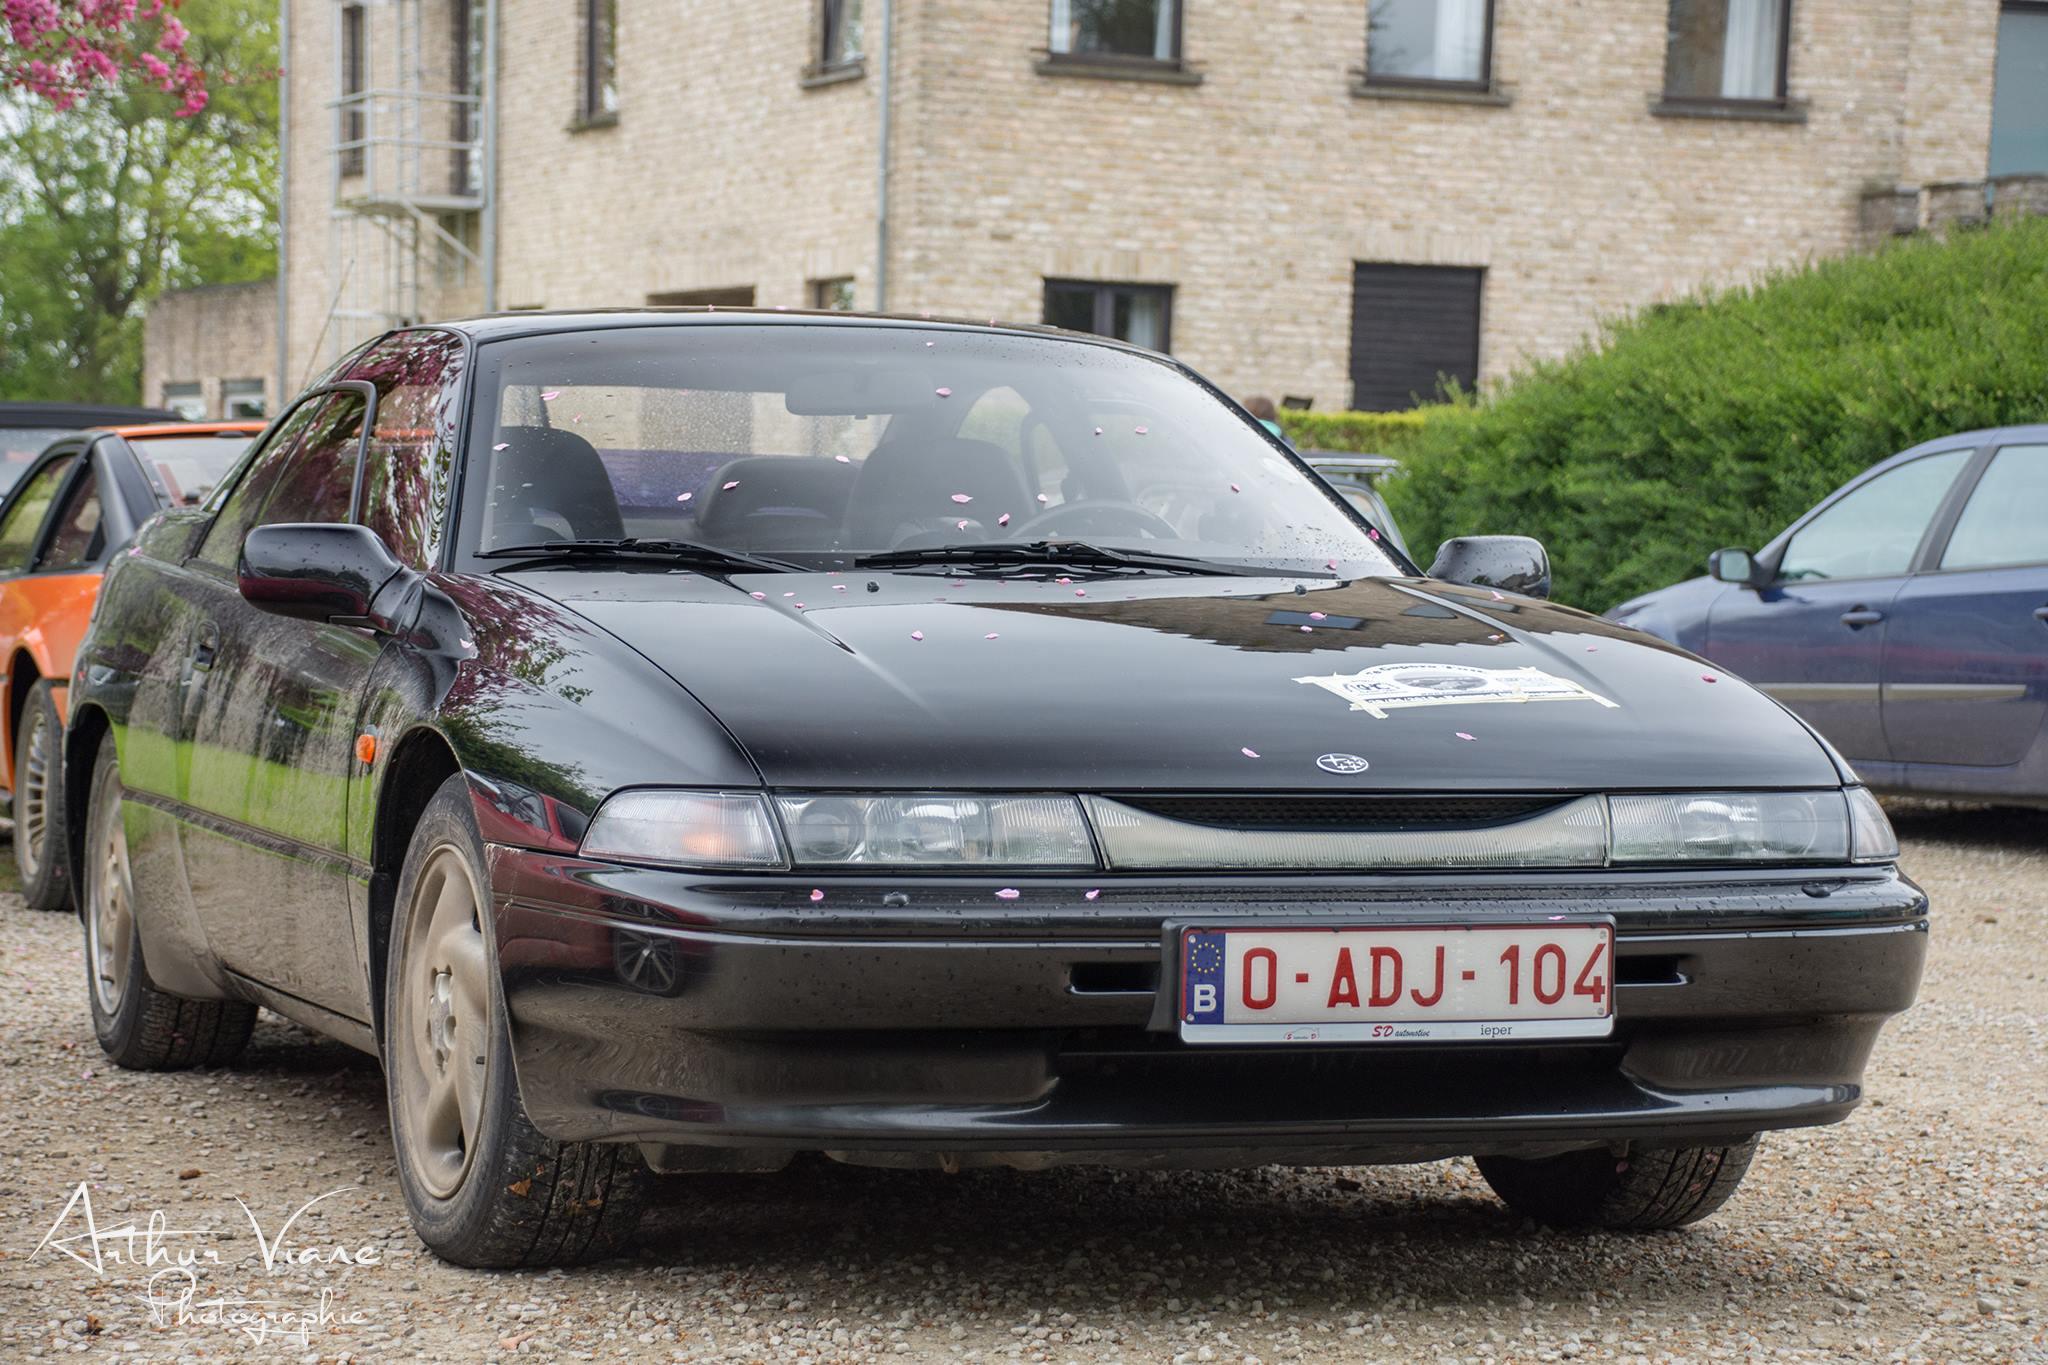 1030 - ToyoBaru - SV Celica - 1992